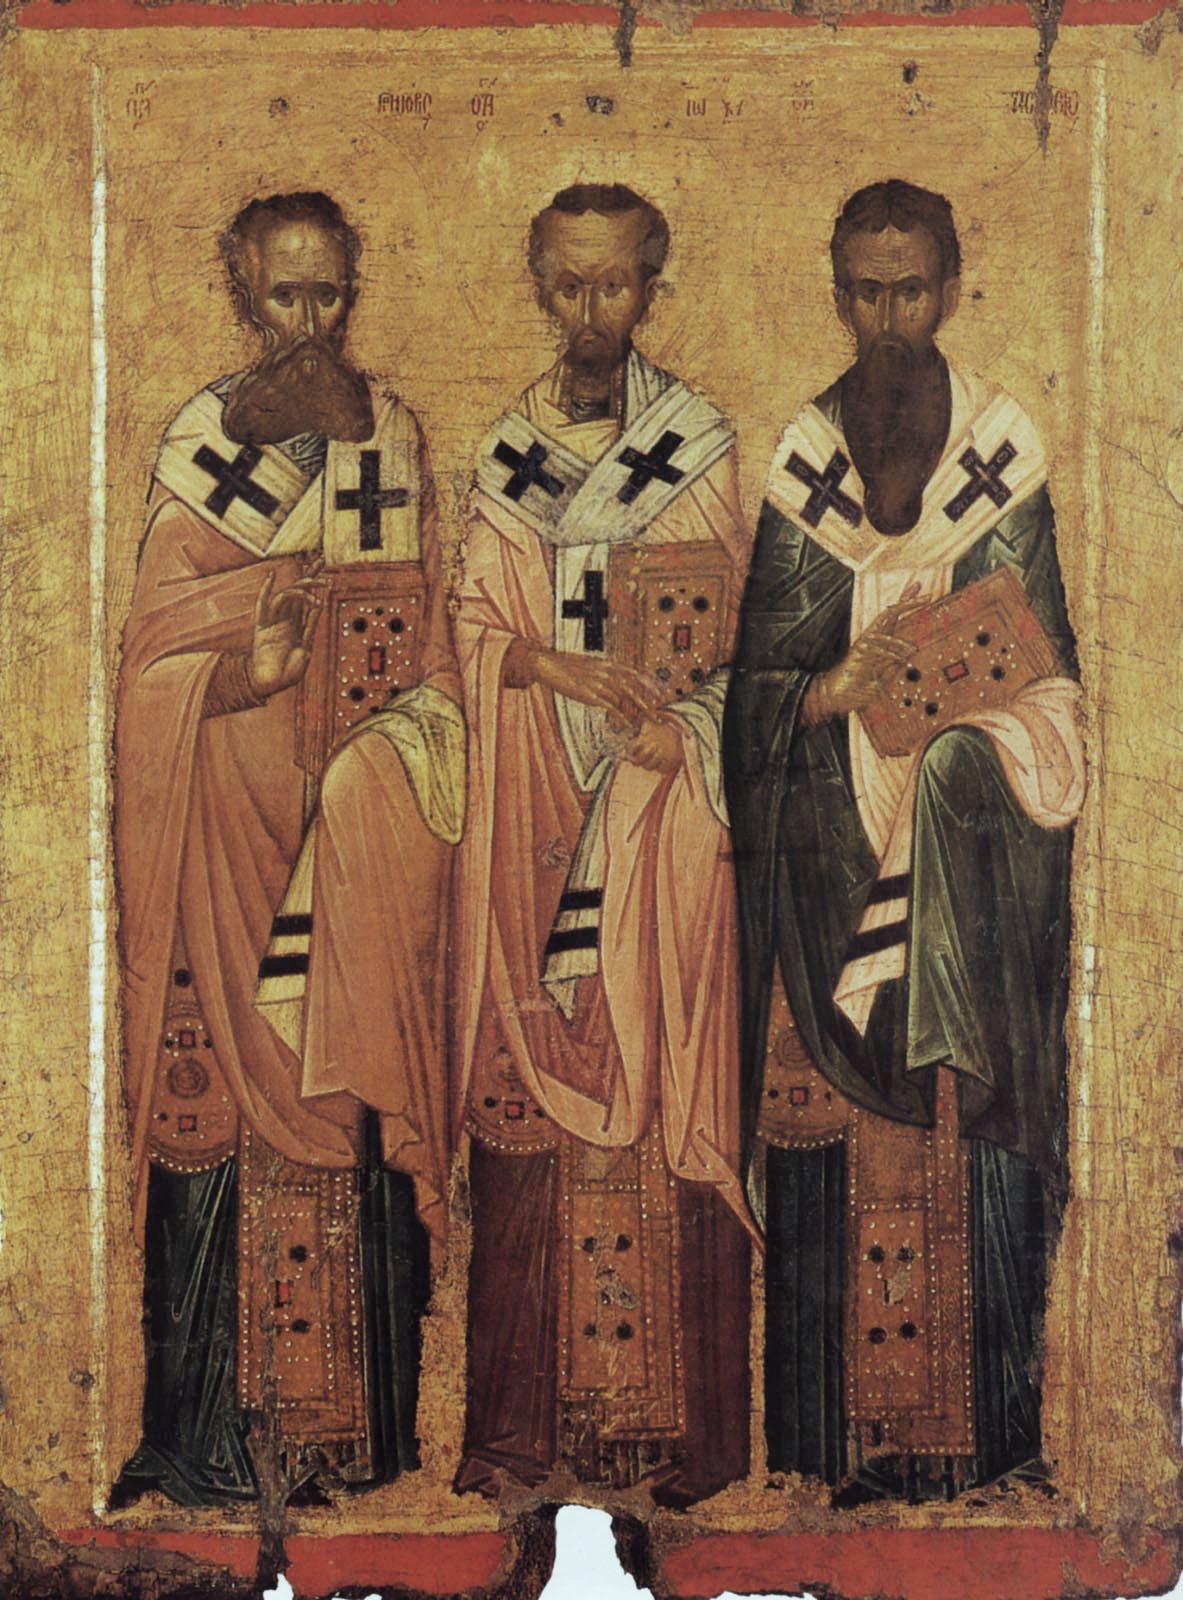 Икона Вселенские учители Василий Великий, Григорий Богослов и Иоанн Златоуст. Византия, XIV в. Византийский музей, Афины. Здесь видим именословное перстосложение